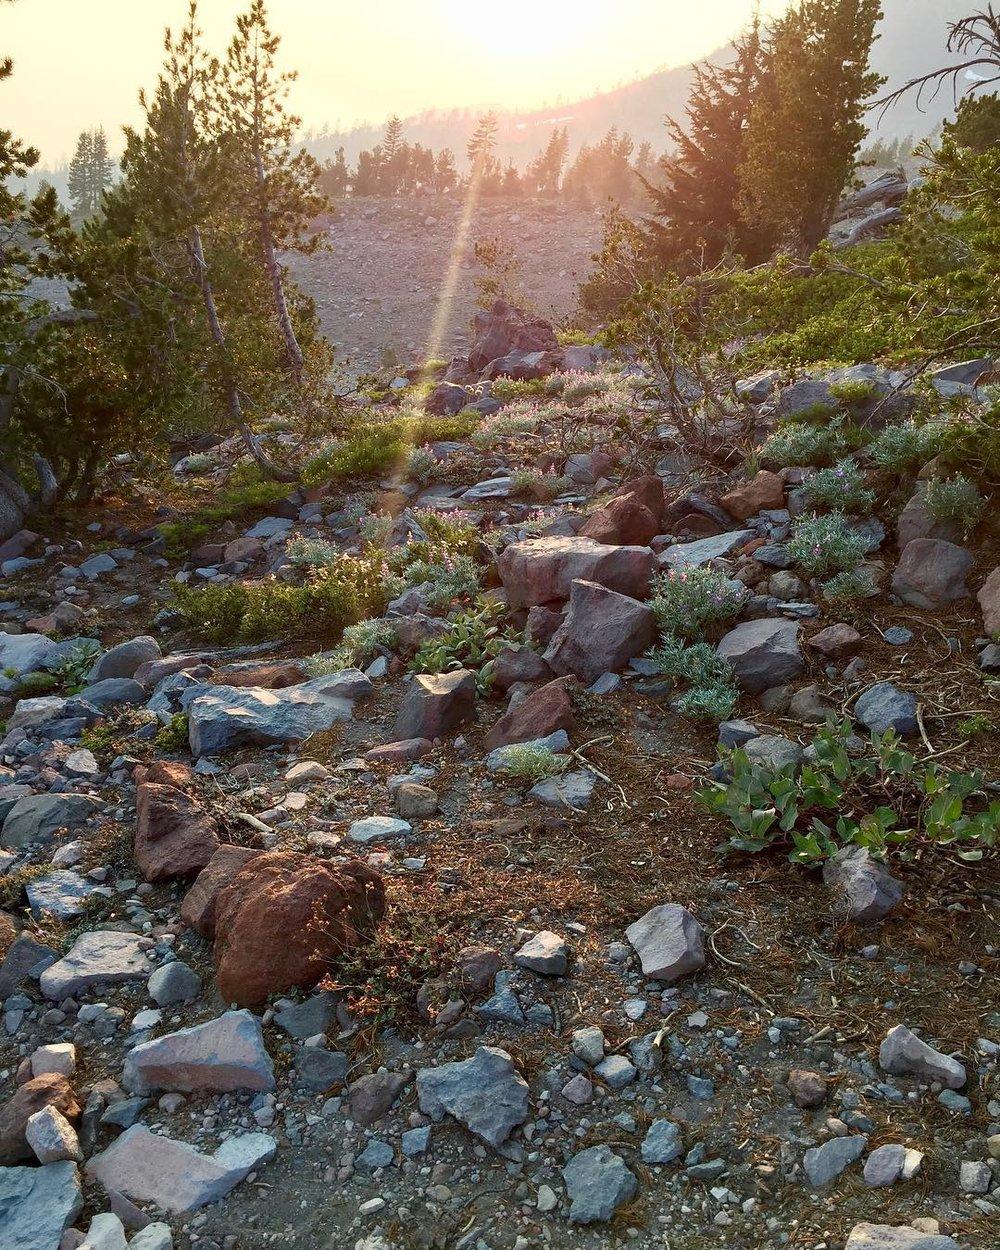 Mount Shasta Vortex Tours